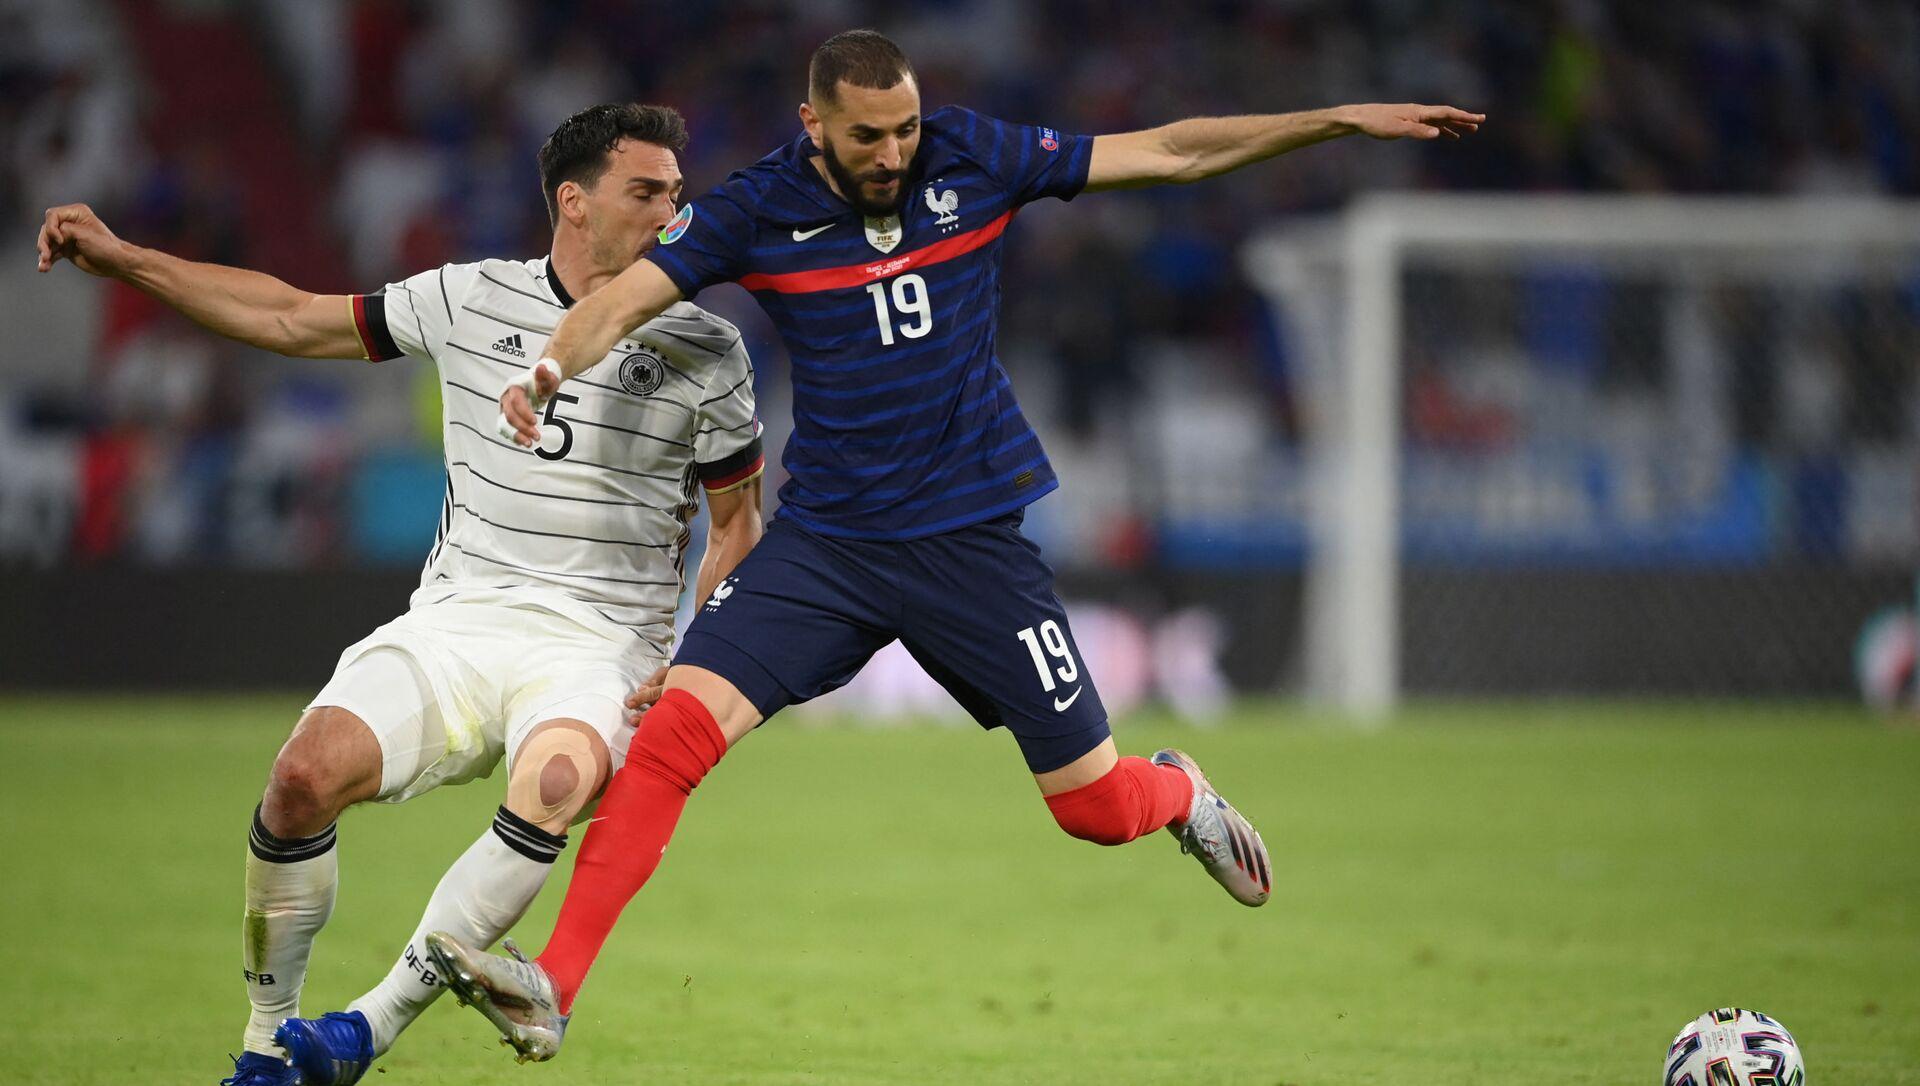 Trận đấu vòng bảng giữa đội tuyển Pháp và đội tuyển Đức tại EURO 2020 - Sputnik Việt Nam, 1920, 16.06.2021